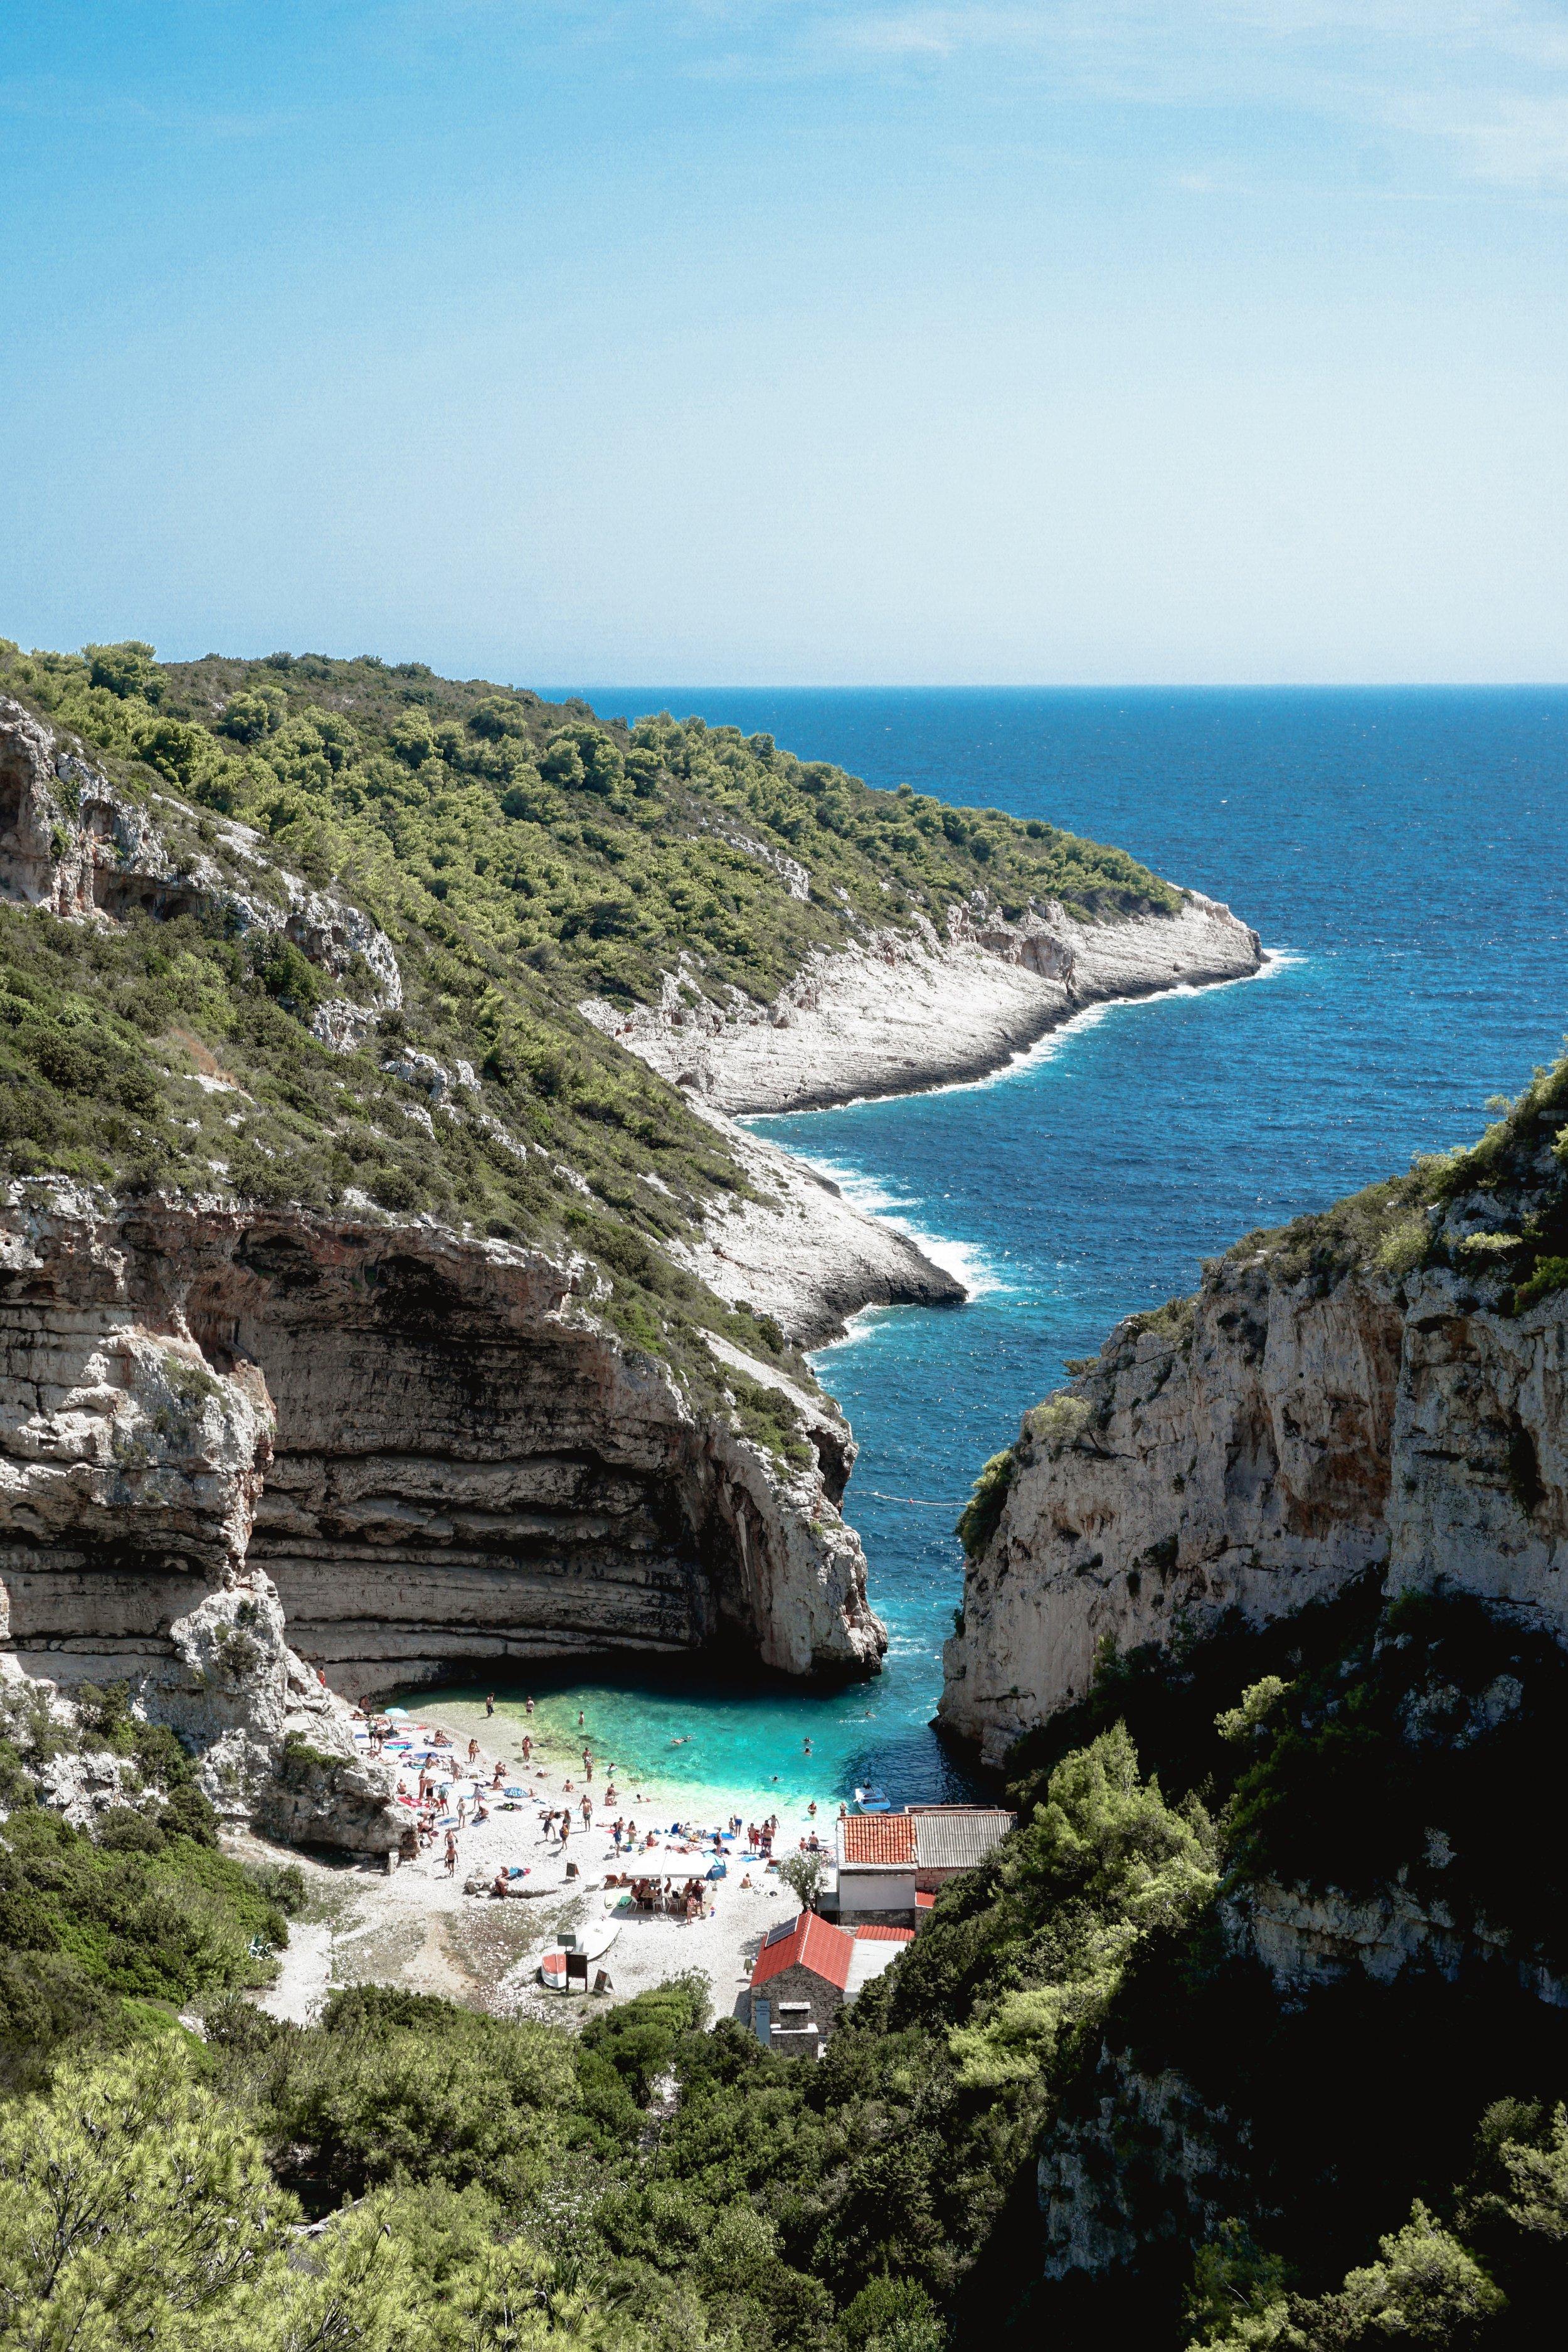 Sailweek Croatia - Vis Island - Stiniva Cove